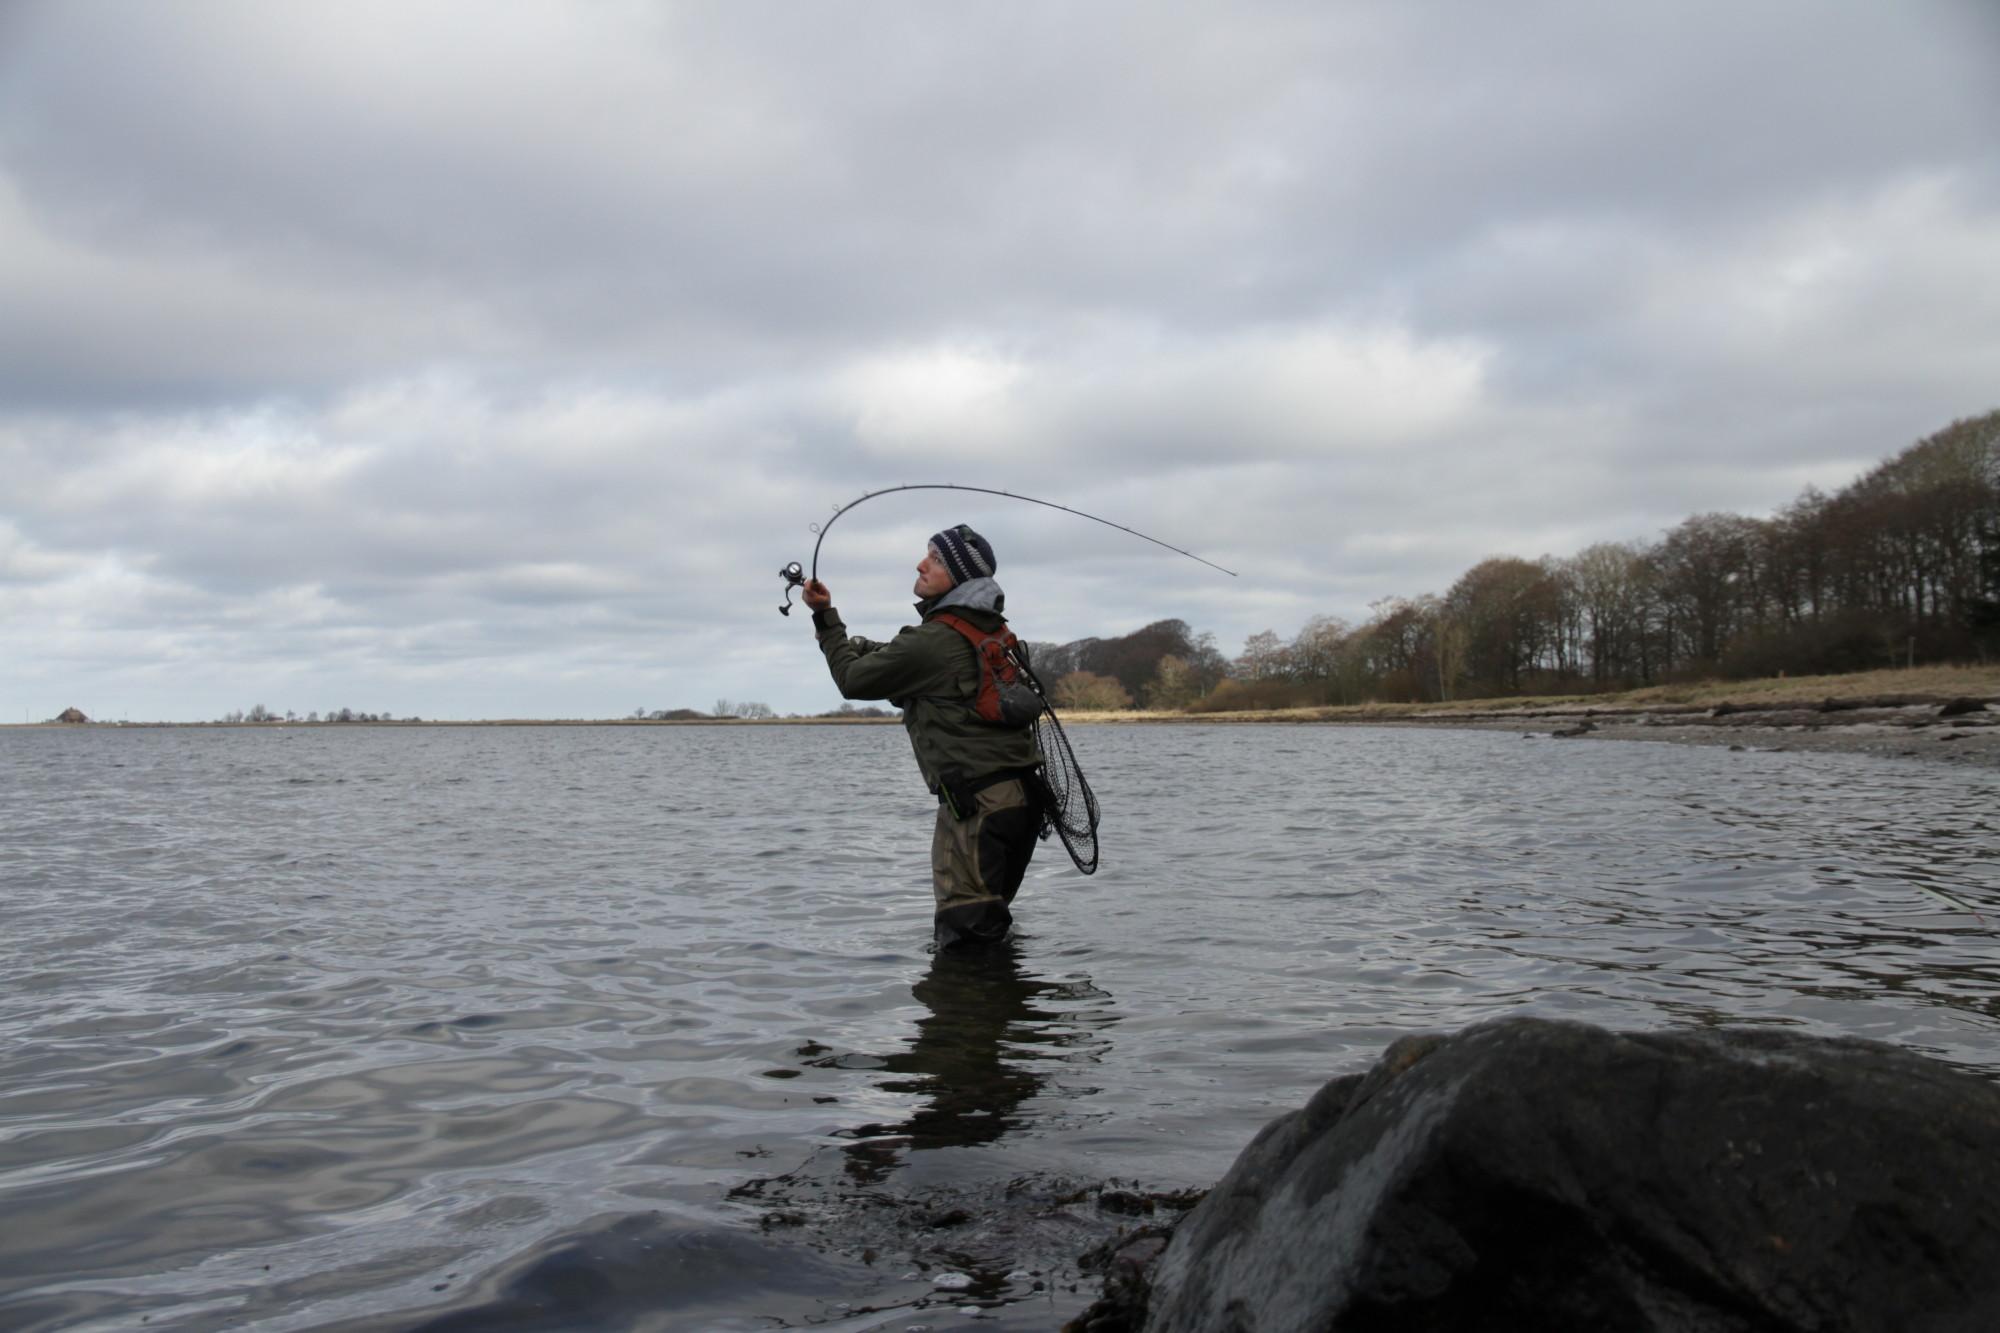 Eine 3 Meter lange Rute mit parabolischer- oder semiparabolischer Aktion ermöglicht angenehmes Werfen und Fisch an der Küste. Foto:BLINKER/J. Rdatke